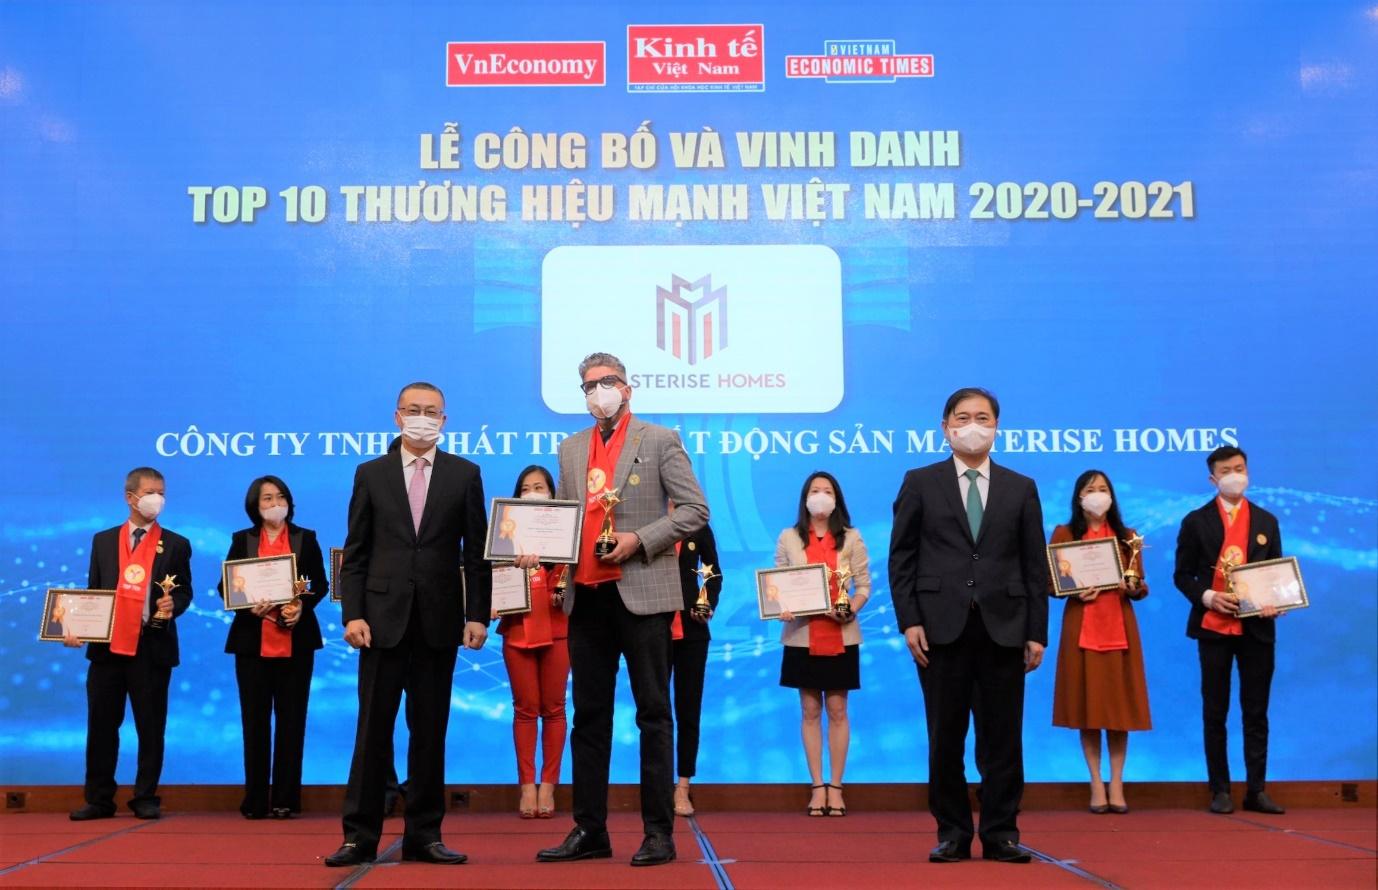 Masterise Homes vào Top 10 Thương hiệu mạnh Việt Nam 2021 ngay trong năm đầu tiên được đề cử - Ảnh 1.